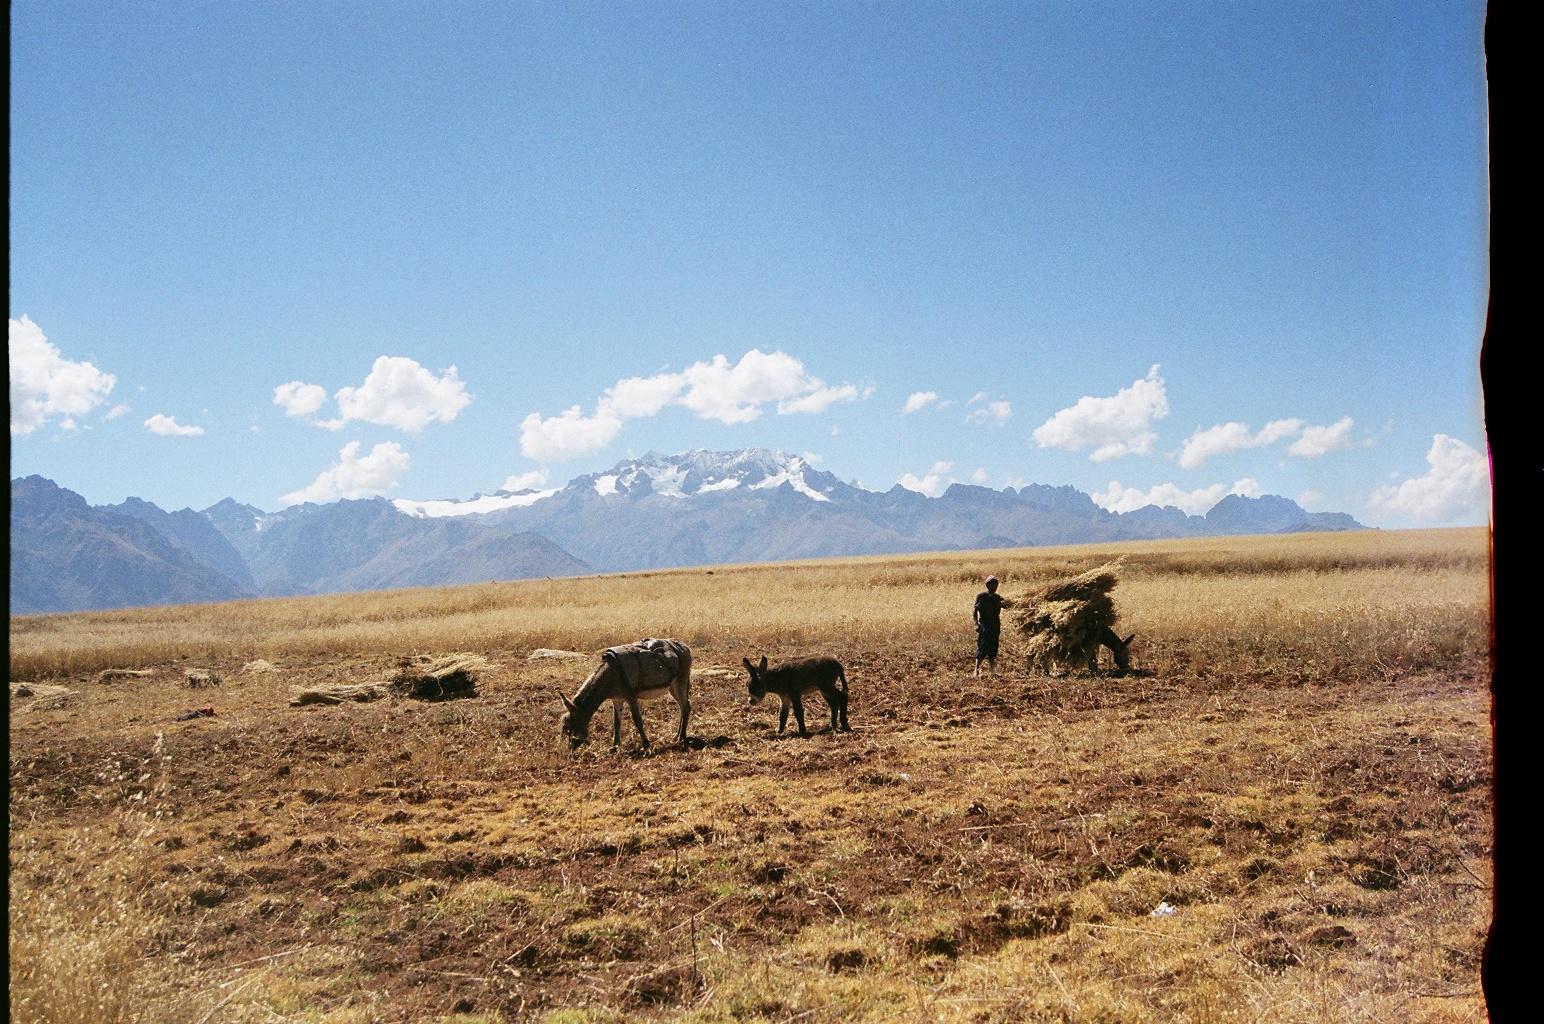 Ollantaytambo, Peru. 35mm film, 2014.